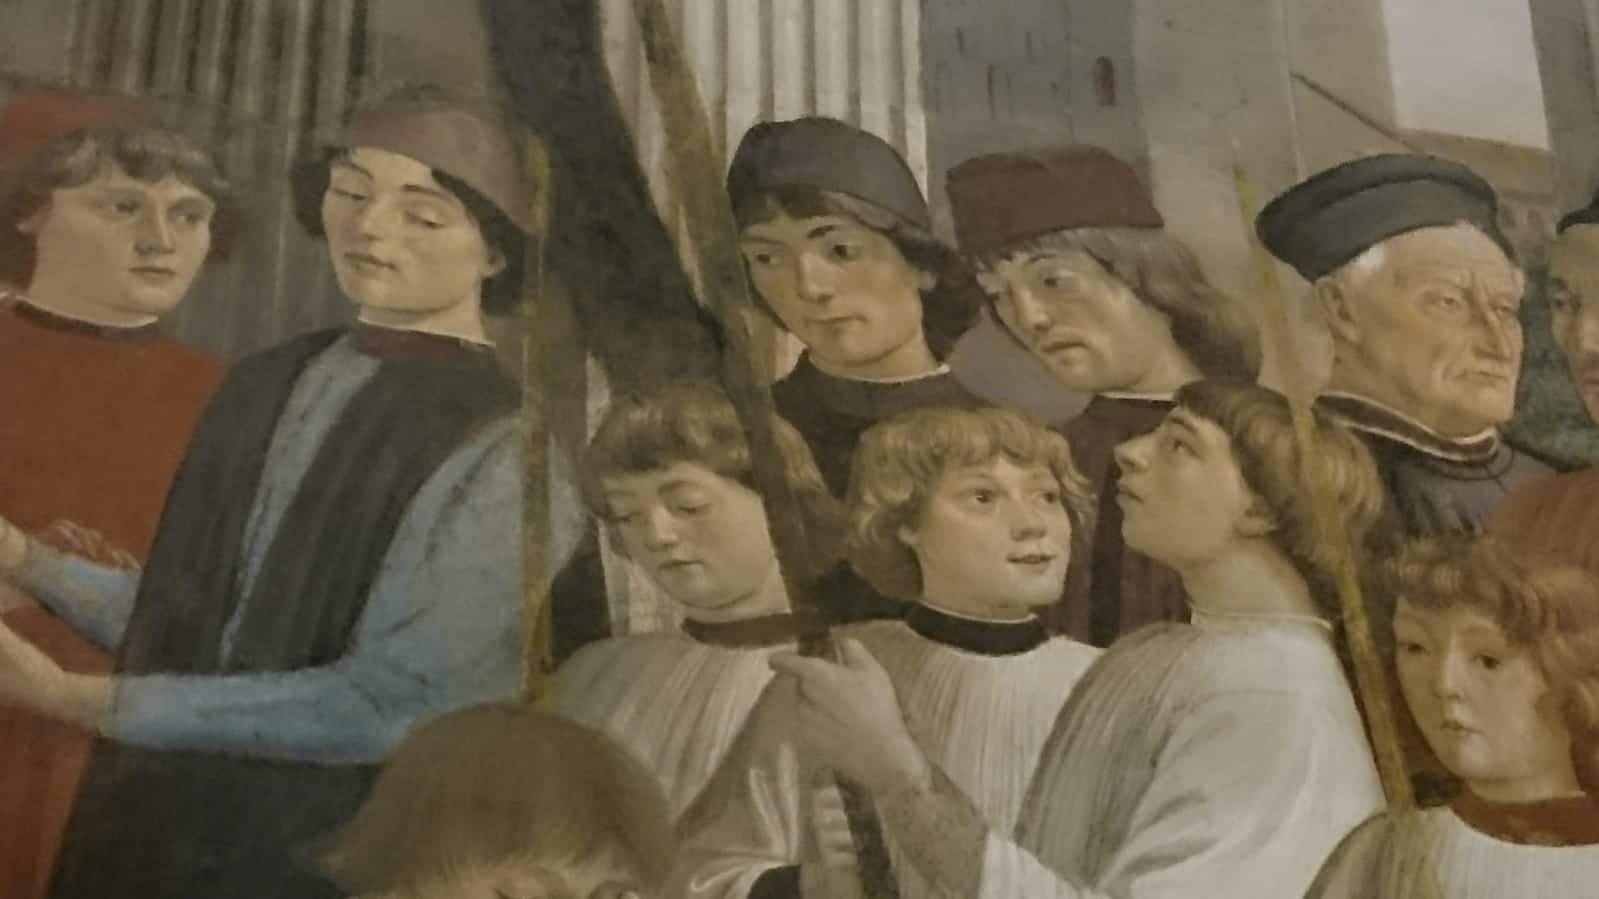 Der Bildausschnitt eines Wandgemäldes zeigt die Gesichter von Kindern, jungen Männern und älteren Menschen, die einander etwas mitteilen. Die jungen Menschen schauen interessiert und fragend.